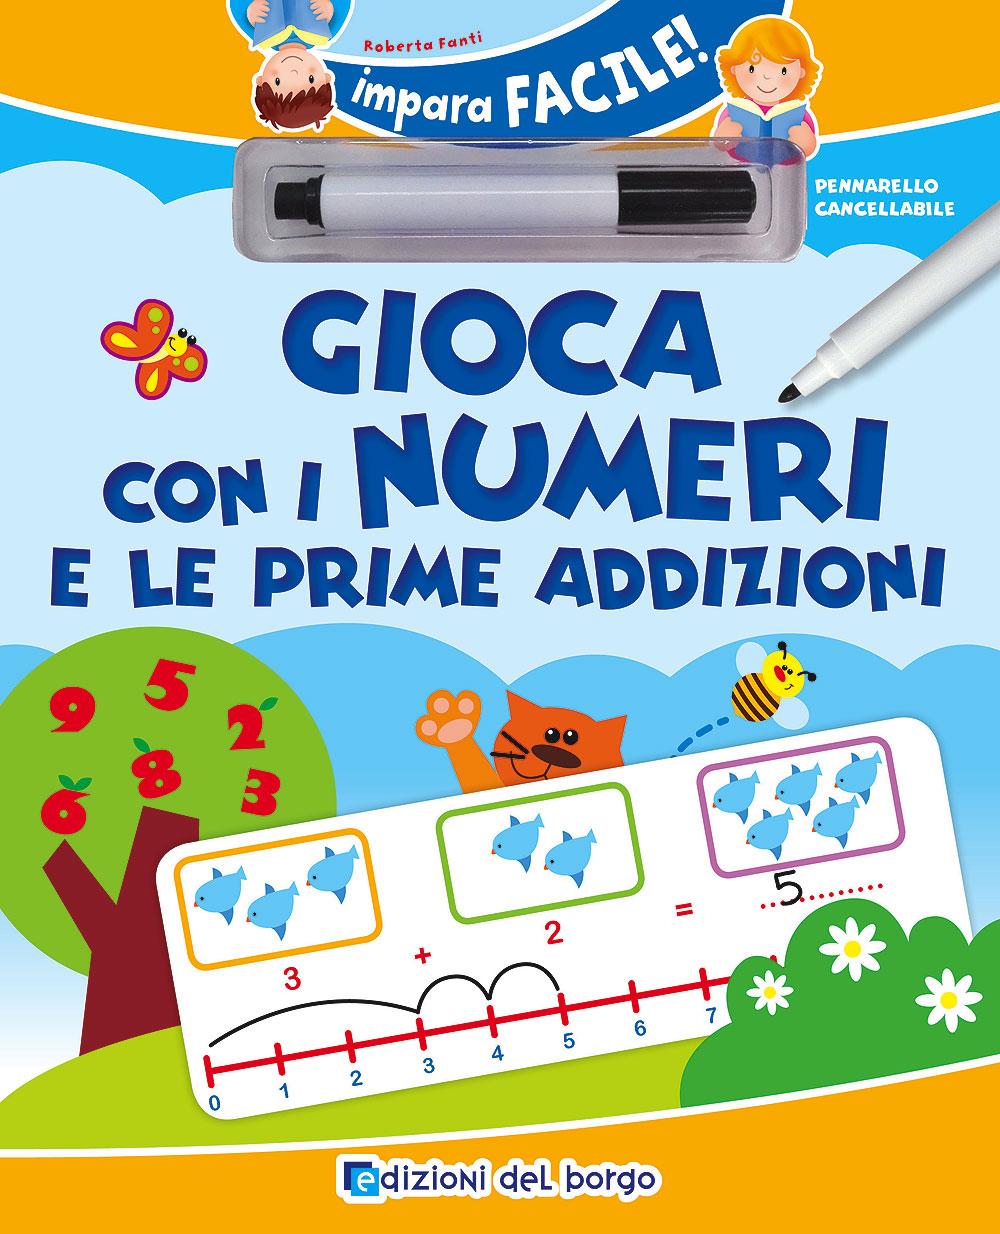 Gioca con i numeri e le prime addizioni